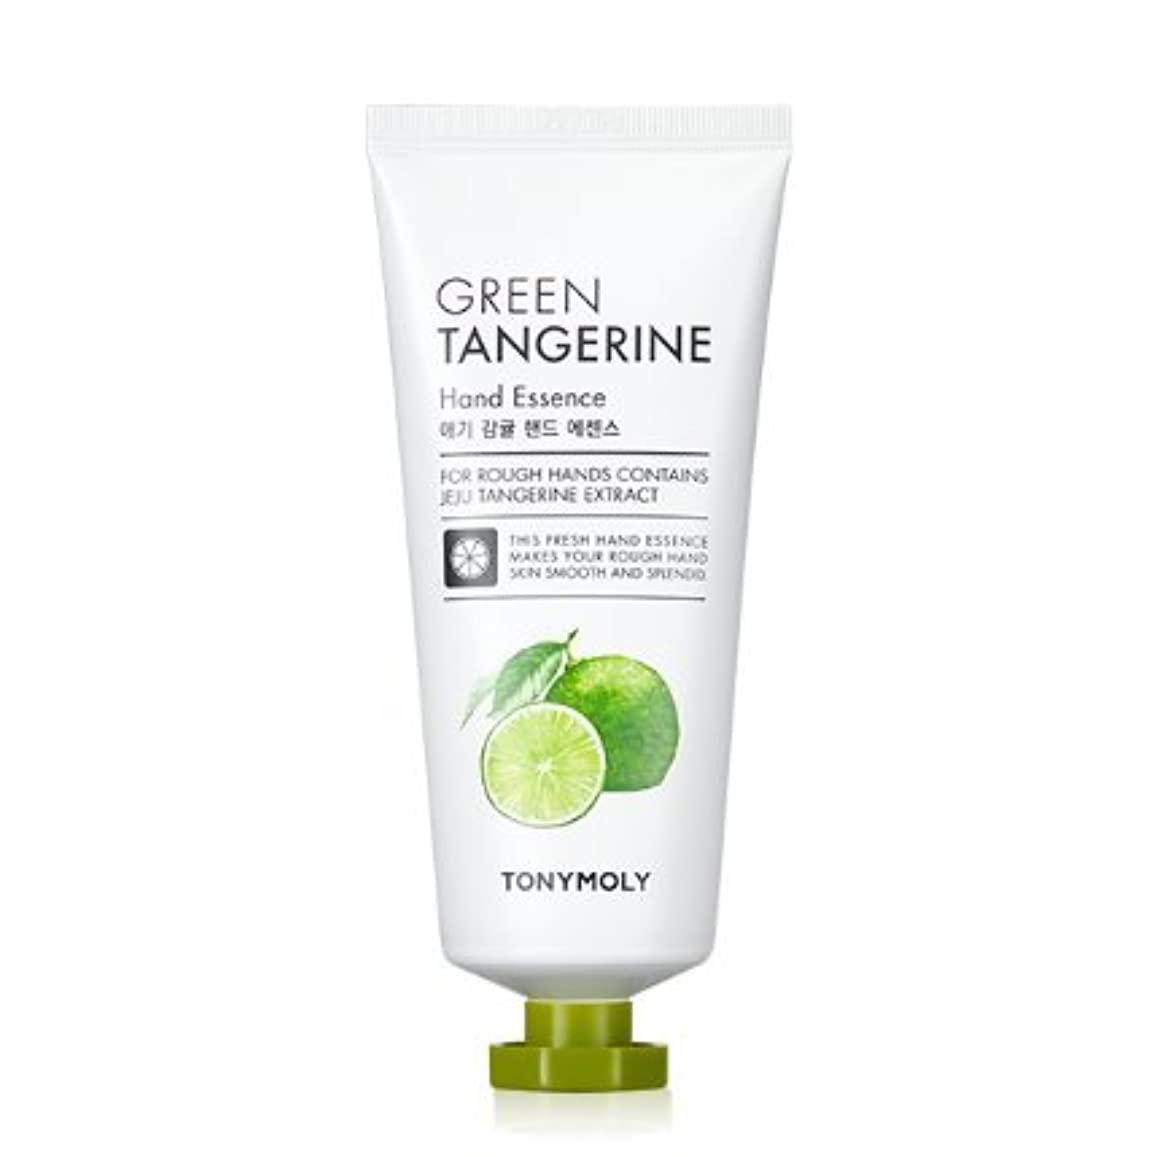 女の子博覧会投獄[Renewal] TONYMOLY Green Tangerine Hand Essence/トニーモリー 青みかん ハンド エッセンス 80g [並行輸入品]